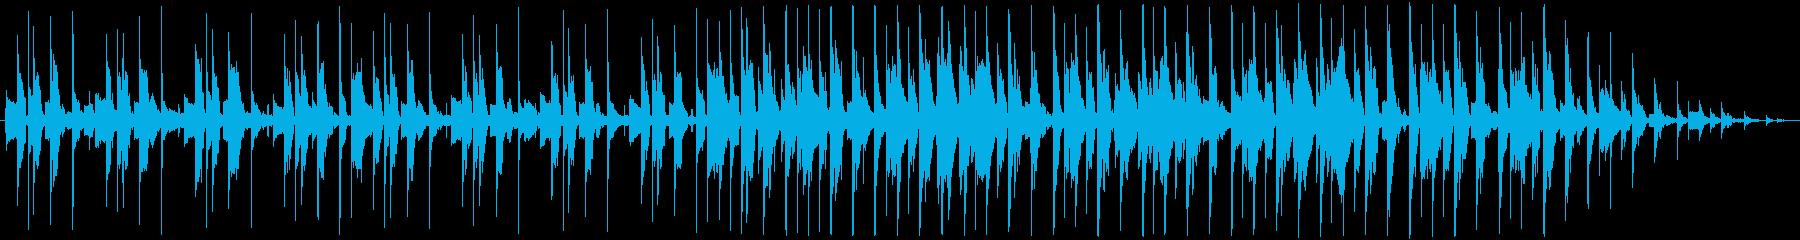 冷静になる 。ピアノメロディーの再生済みの波形